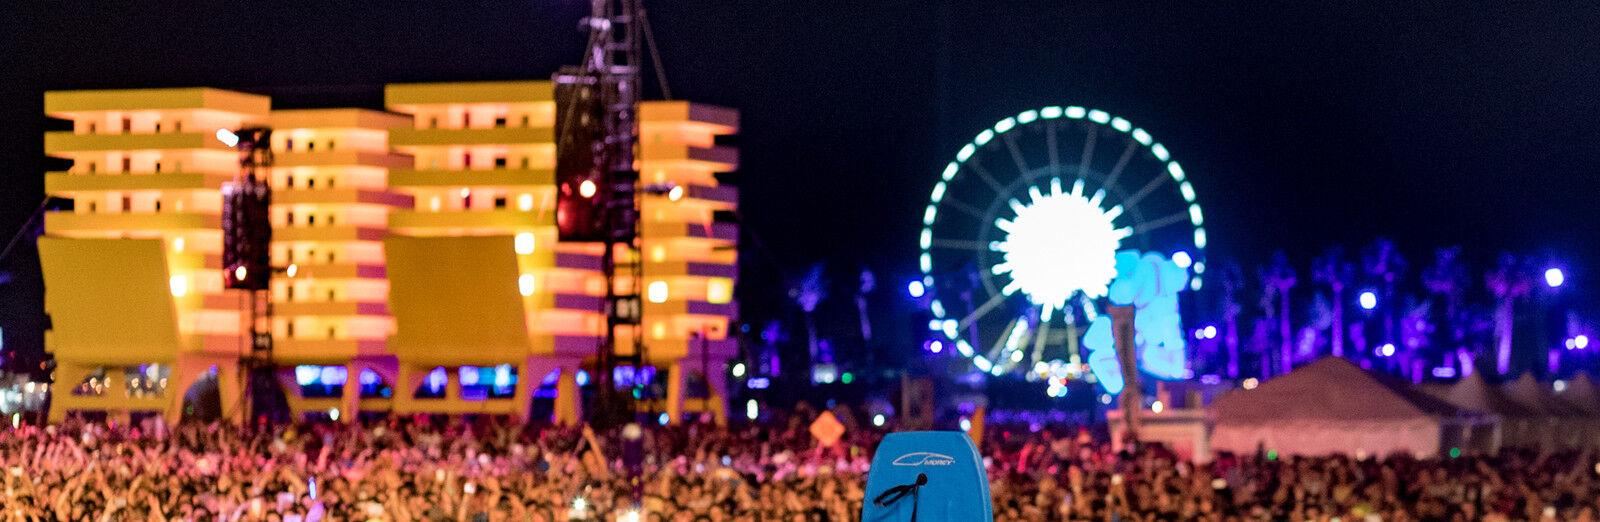 coachella music festival tickets 2017 coachella music festival